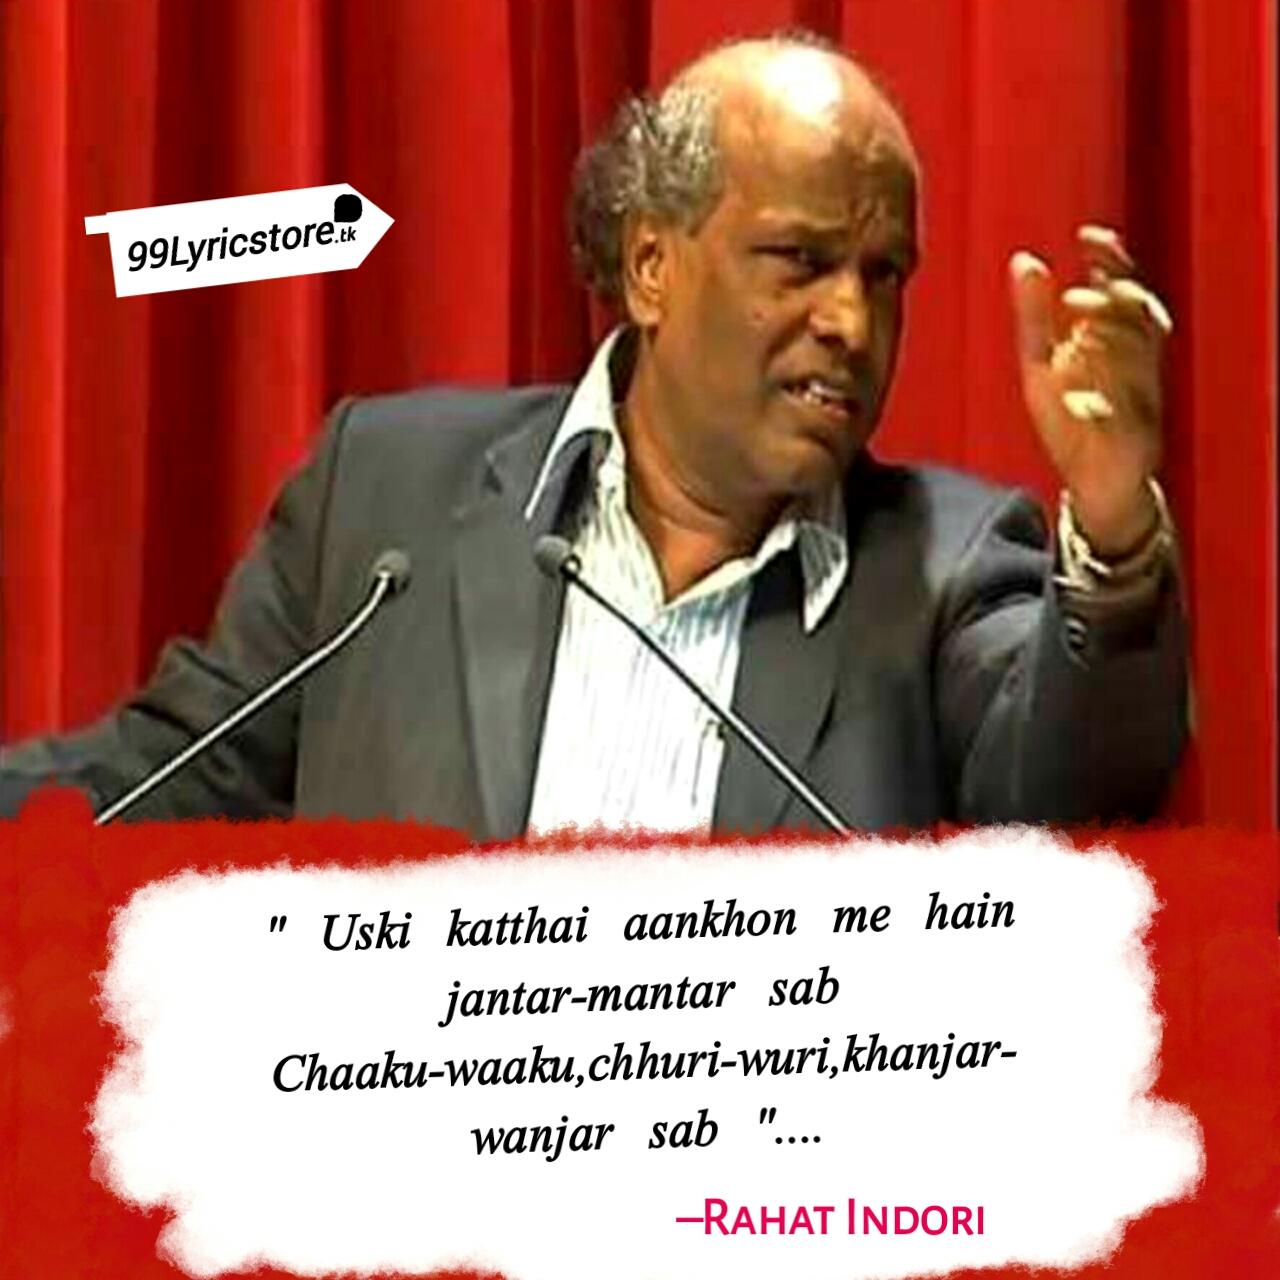 Uski Katthai Aankhon Me Hain Jantar-Mantar Sab By Rahat Indori | Shayari |  Poetry,  Rahat Indori ghazal, rahat indori ghazal lyrics, rahat indori ghazals hindi, rahat indori ghazal in hindi font,  rahat indori ghazal mushaira, rahat indori ghazal in urdu, rahat indori ghazal youtube,  rahat indori ghazal list, rahat indori ghazal in urdu, rahat indori poem in hindi, राहत इंदौरी ग़ज़ल, rahat indori all ghazal in hindi, rahat indori all ghazal, rahat indori ki ghazal,  rahat indori best ghazal, rahat indori ghazal collection,  dr rahat indori ghazal, rahat indori famous ghazal, rahat indori full ghazal, rahat indori ghazal hindi, rahat indori poem hindi, rahat indori ghazal in hindi, राहत इंदौरी ग़ज़ल इन हिंदी, rahat indori ki ghazal in hindi, rahat indori ki ghazal mushaira, rahat indori ki poem, dr rahat indori ki ghazal, a dr rahat indori ka ghazal, rahat indori latest ghazal, rahat indori motivational poem, rahat indori ki ghazal video, rahat indori new ghazal, rahat indori new poem, rahat indori ki new ghazal,  rahat indori romantic ghazal, rahat indori ghazal shayari, rahat indori sahab ka ghazal, राहत इंदौरी ग़ज़ल शायरी, rahat indori urdu ghazal, rahat indori ghazal video, rahat indori poem video, ghazal lyrics by rahat indori, rahat indori ghazal lyrics in hindi, rahat indori sher in hindi,  rahat indori sher in hindi images, rahat indori best shayari in hindi, rahat indori shayri, rahat indori shayari in hindi, rahat indori sher, rahat indori status, rahat indori poetry, rahat indori ghazal, rahat indori quotes, rahat indori shayar, rahat indori shayri image, rahat indori youtube, rahat indori ki shayariya, rahat indori ke sher, rahat indori sahab, rahat indori lyrics, rahat indori shayari video, राहत इंदौरी, rahat indori all india mushaira, rahat indori aasman laye ho, rahat indori all ghazal in hindi, rahat indori aisi sardi hai, rahat indori mushaira, rahat indori aasman thodi hai, rahat indori amrood pak rahe honge, rahat indori agar khilaf hai, rahat in